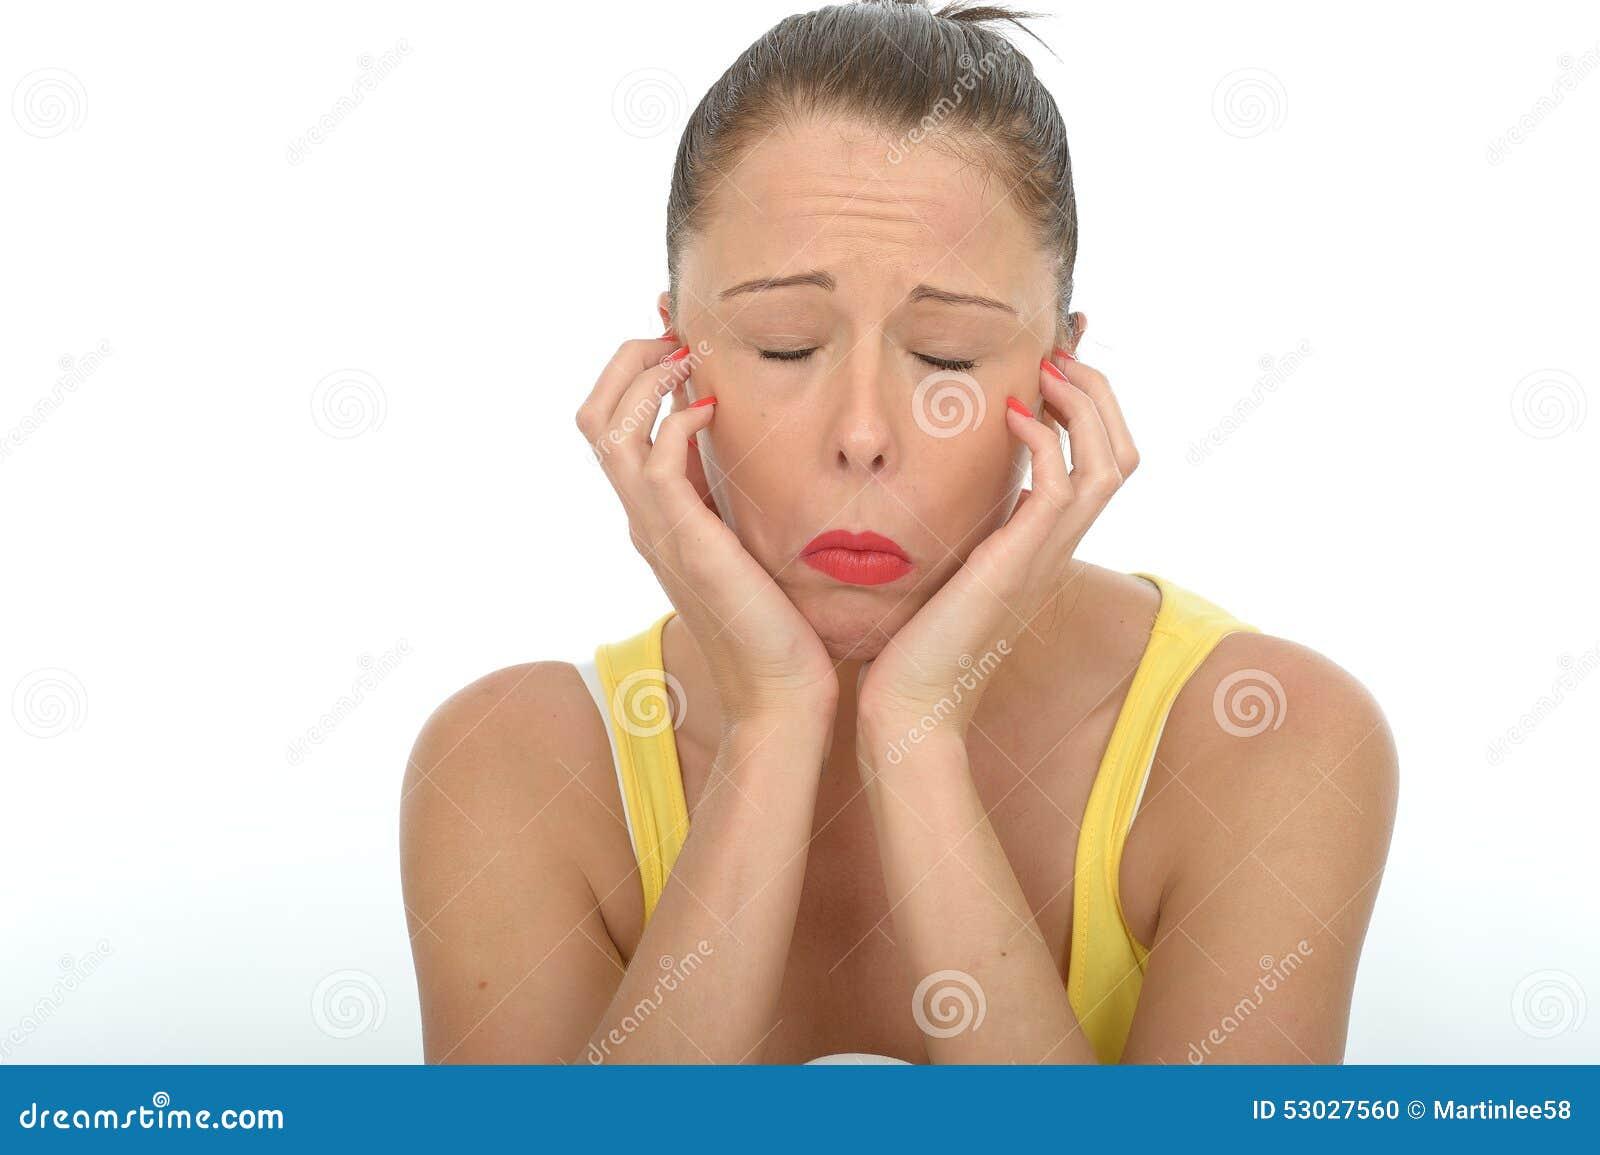 Zanudzający Nieszczęśliwy Przygnębiony Emocjonalny młoda kobieta portret